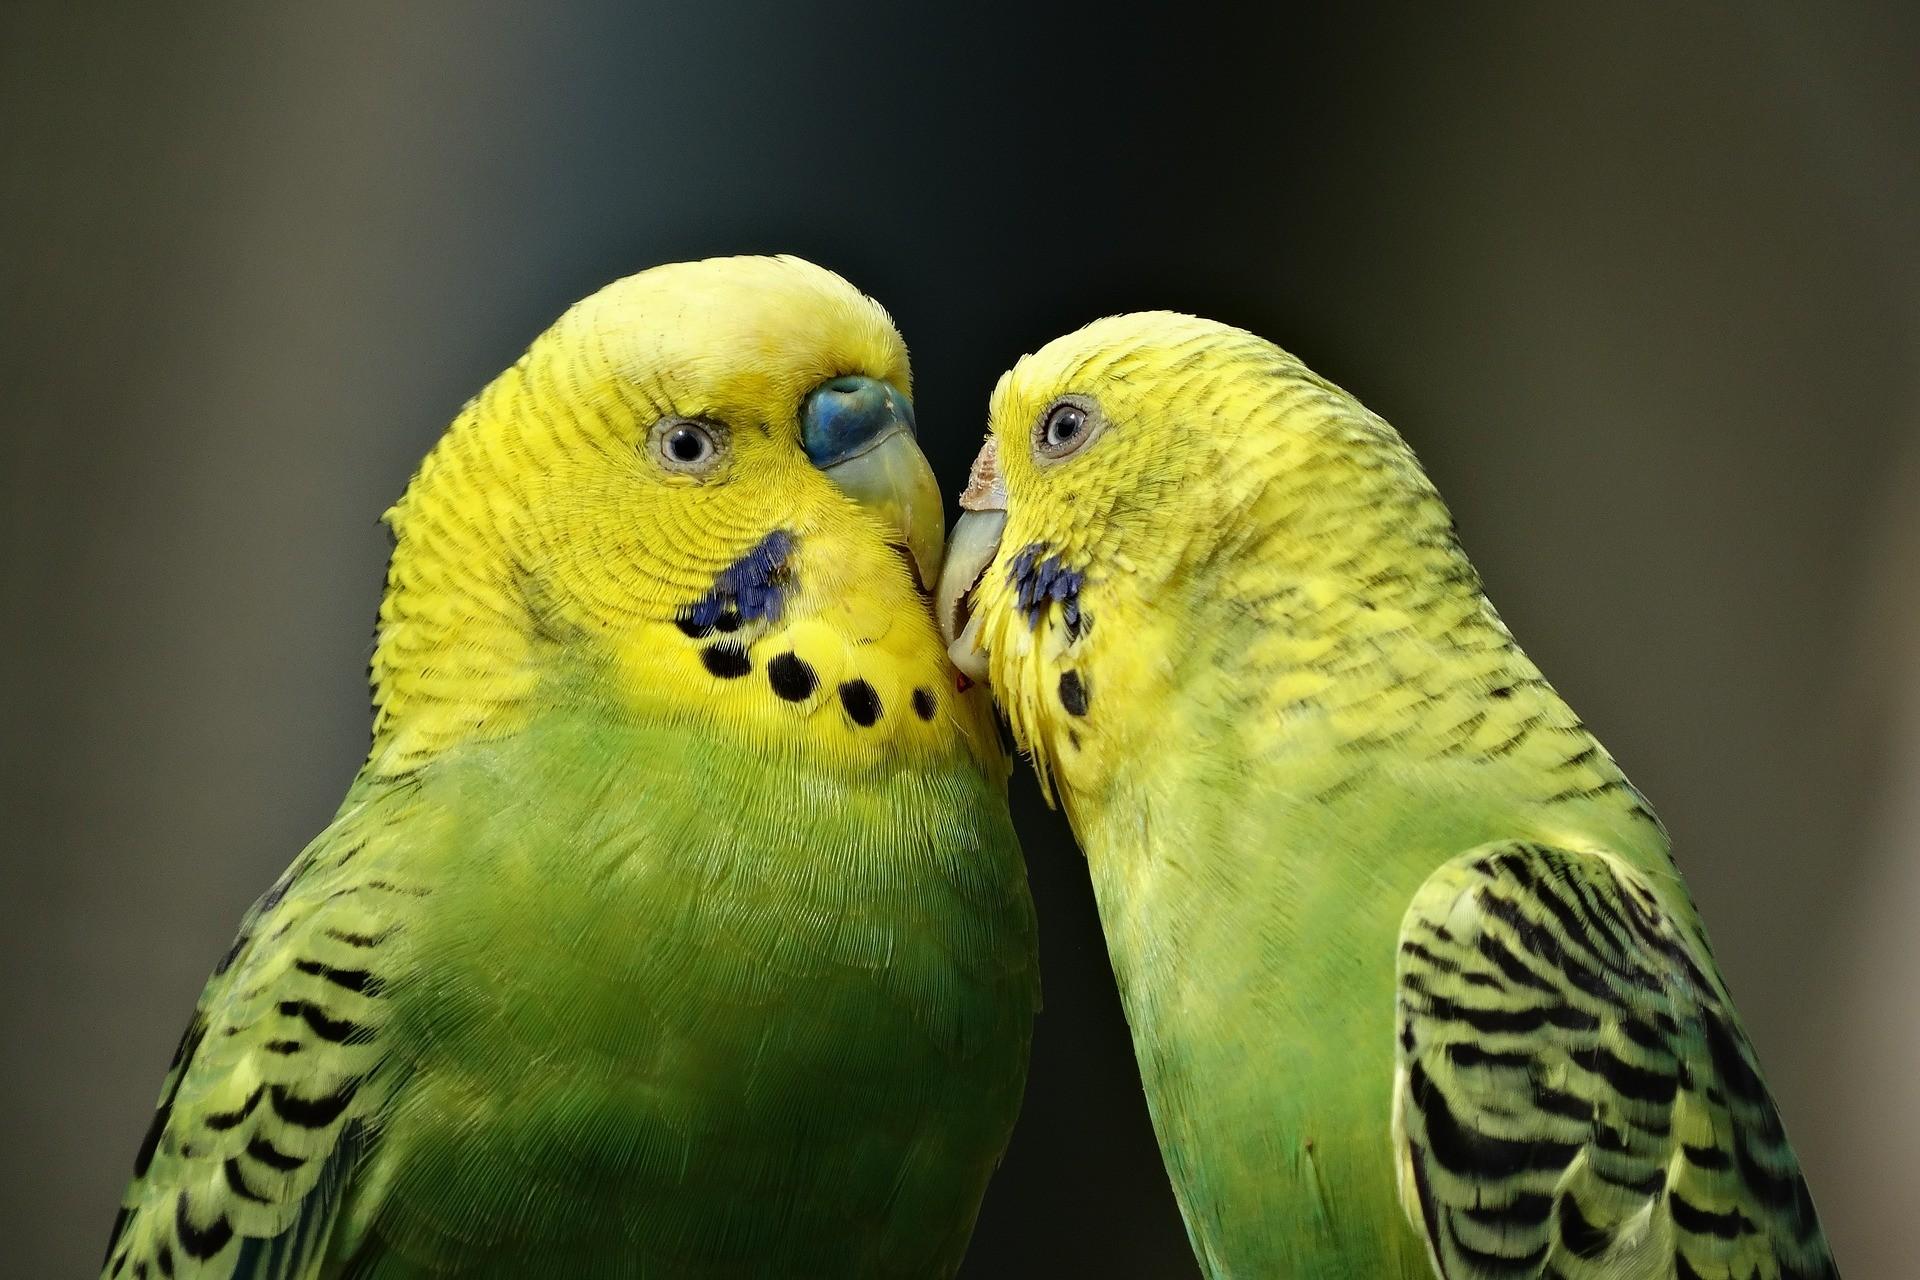 Fêmeas de periquitos preferem machos inteligentes, diz estudo